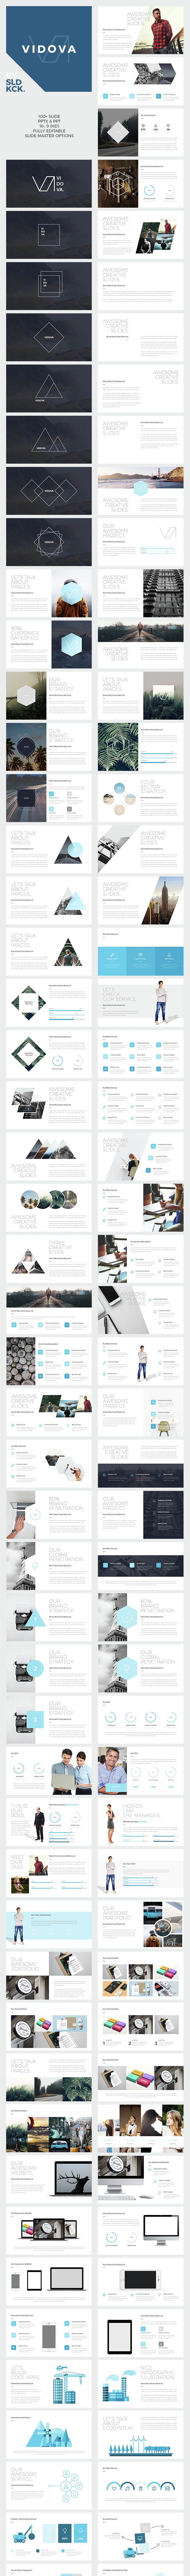 Vidovo - Modern Powerpoint Presentation - PowerPoint Templates Presentation Templates